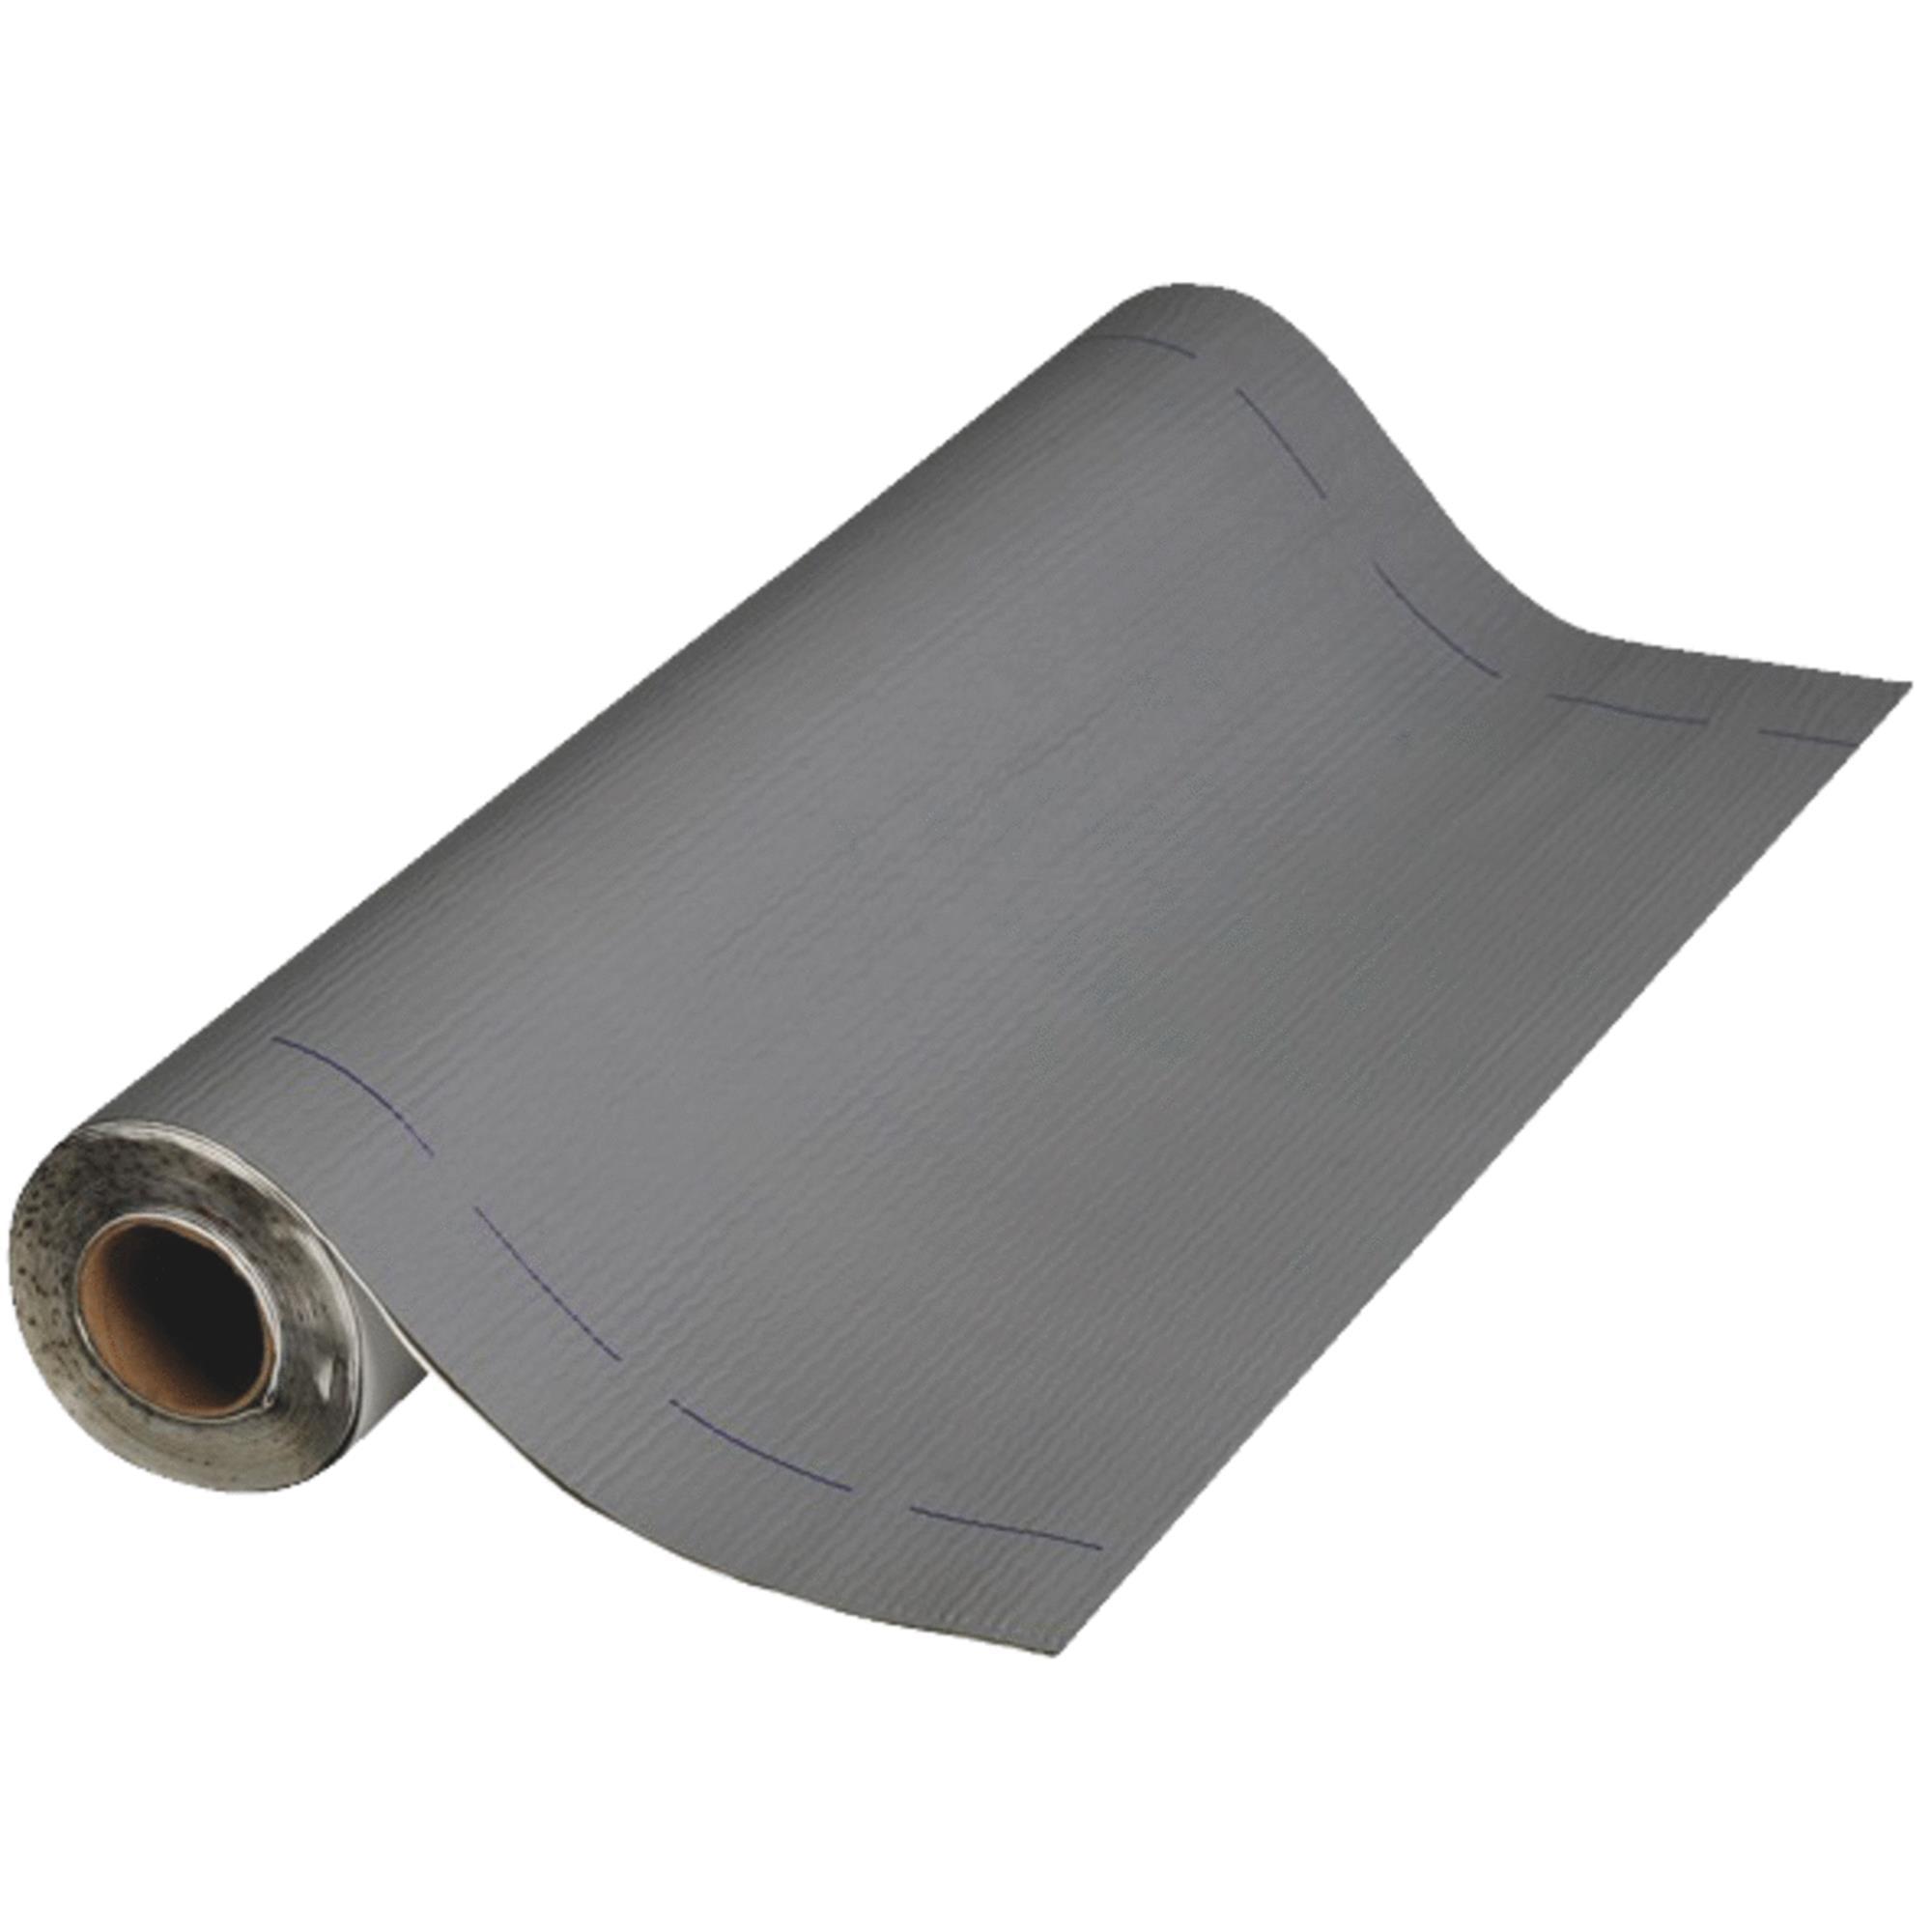 MFM Peel & Seal Aluminum Roofing Membrane